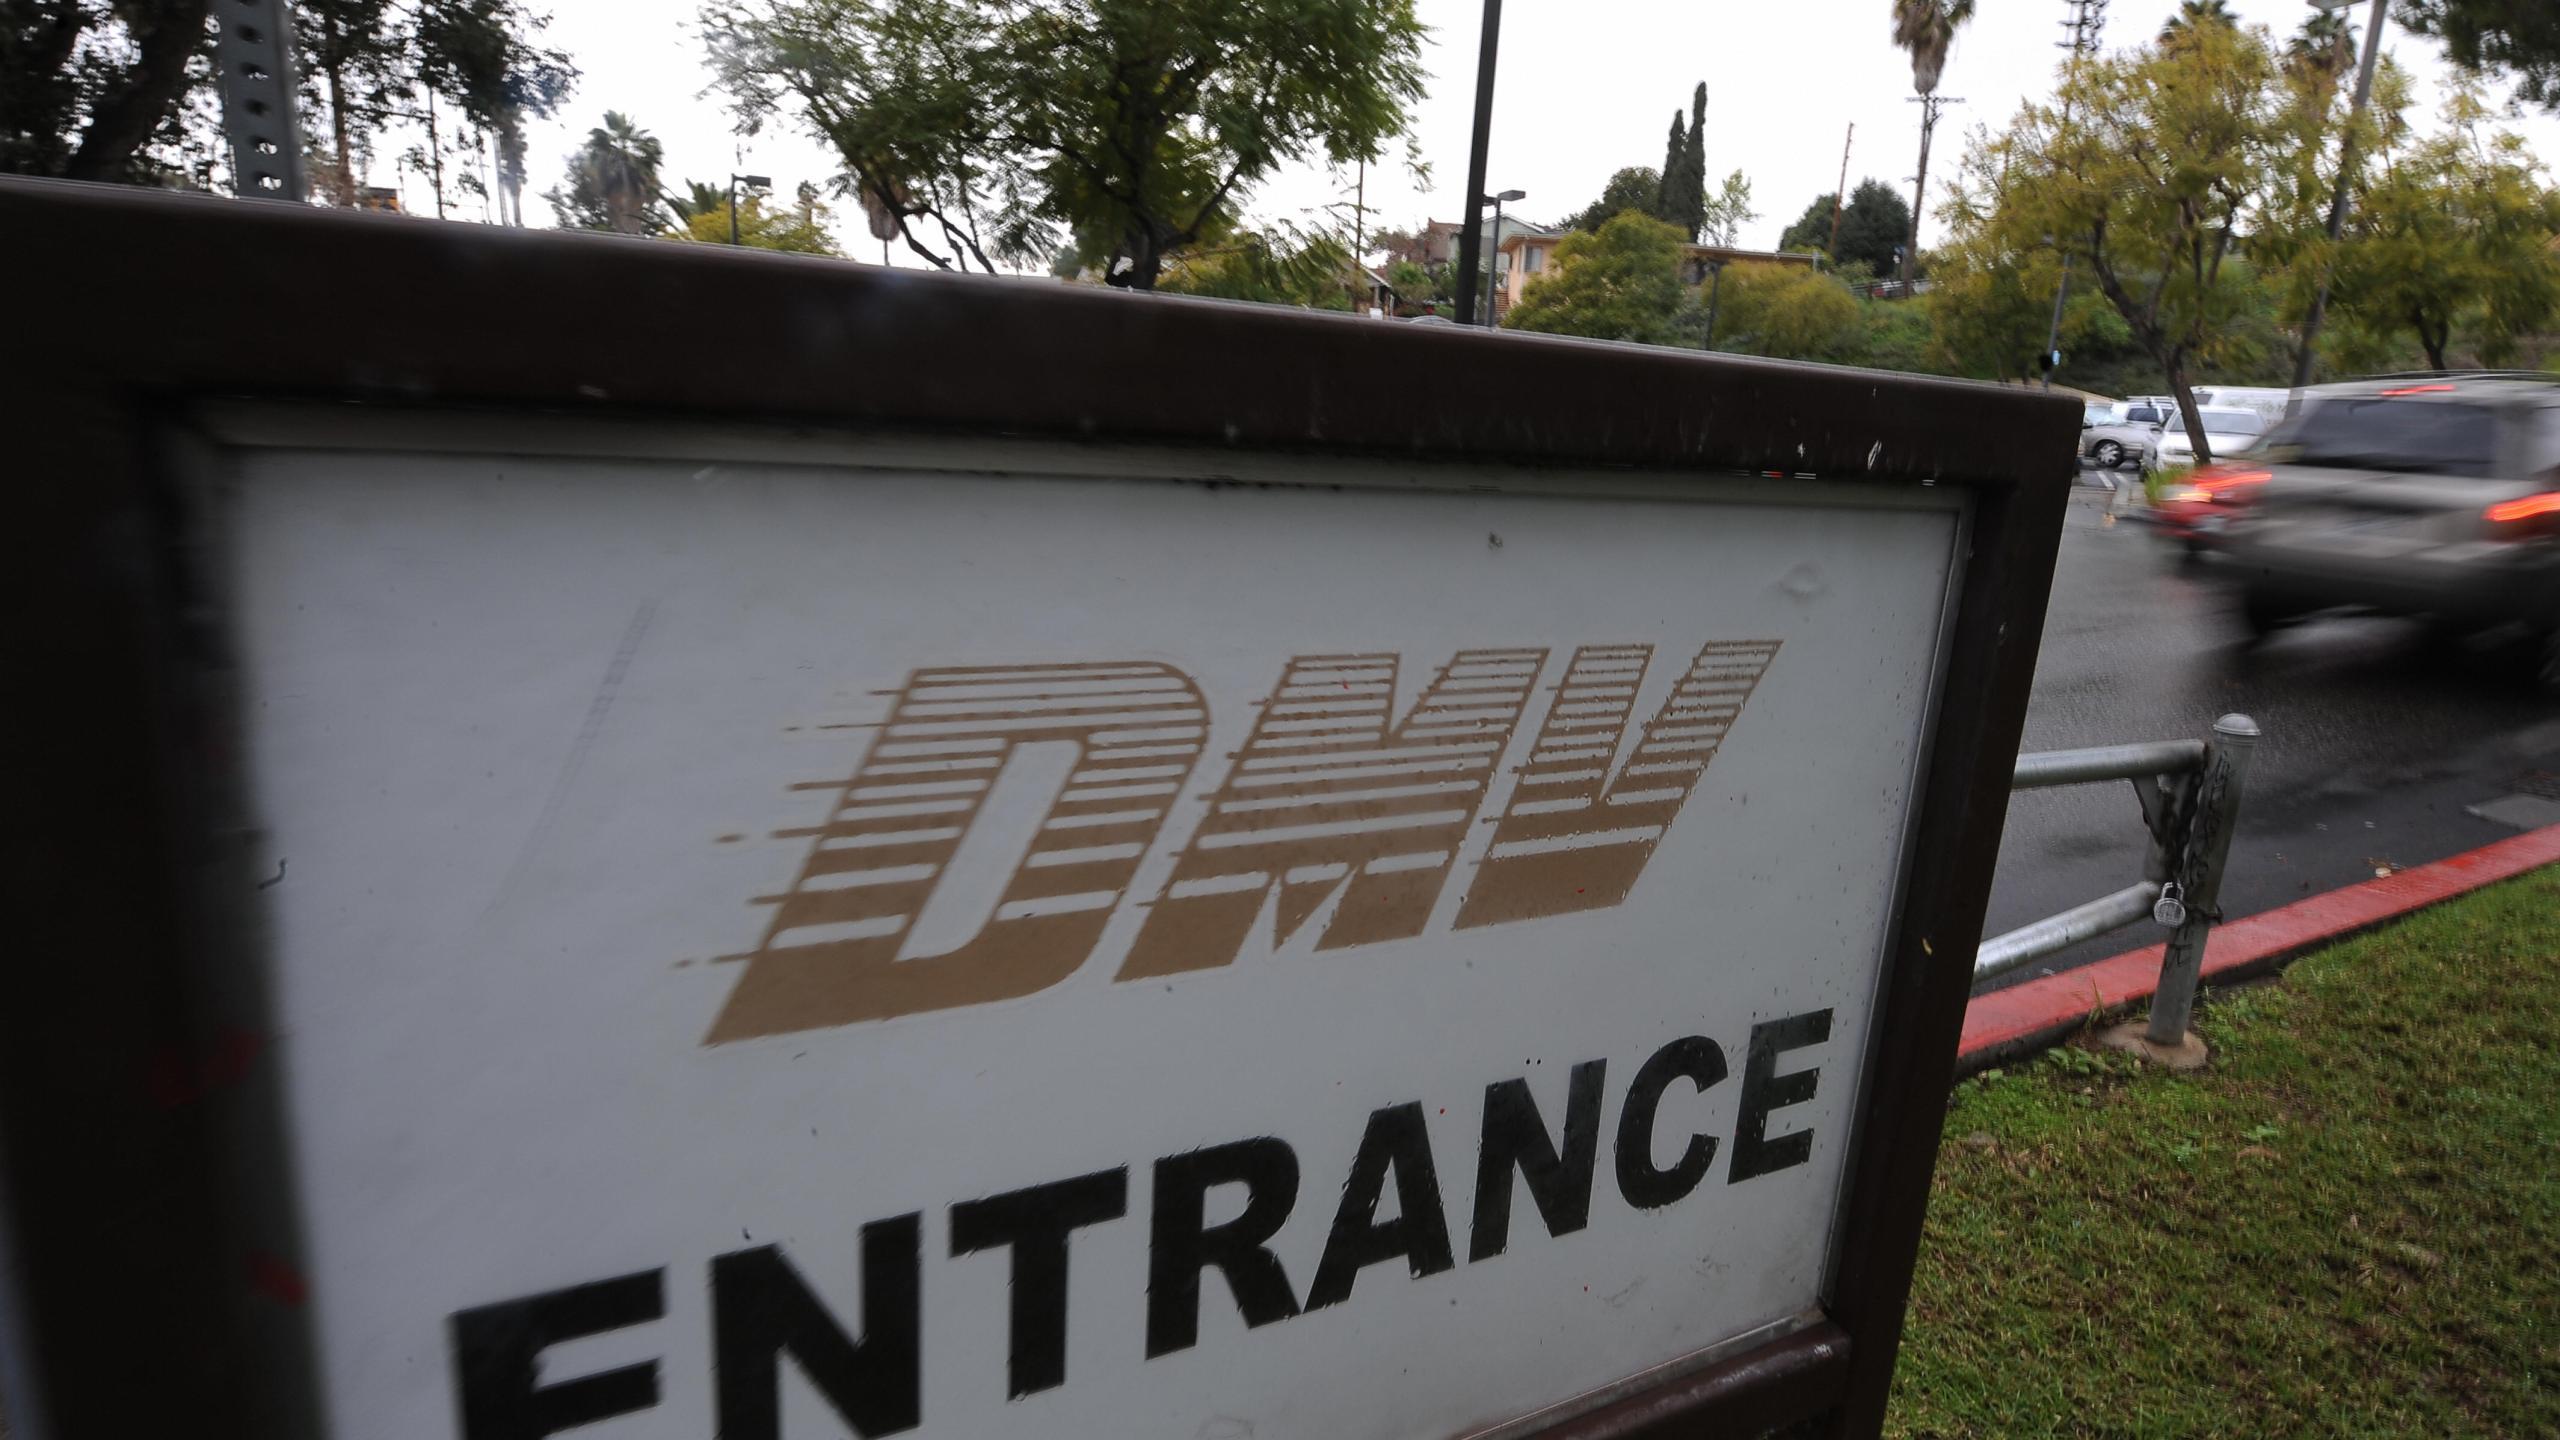 A car arrives at the DMV